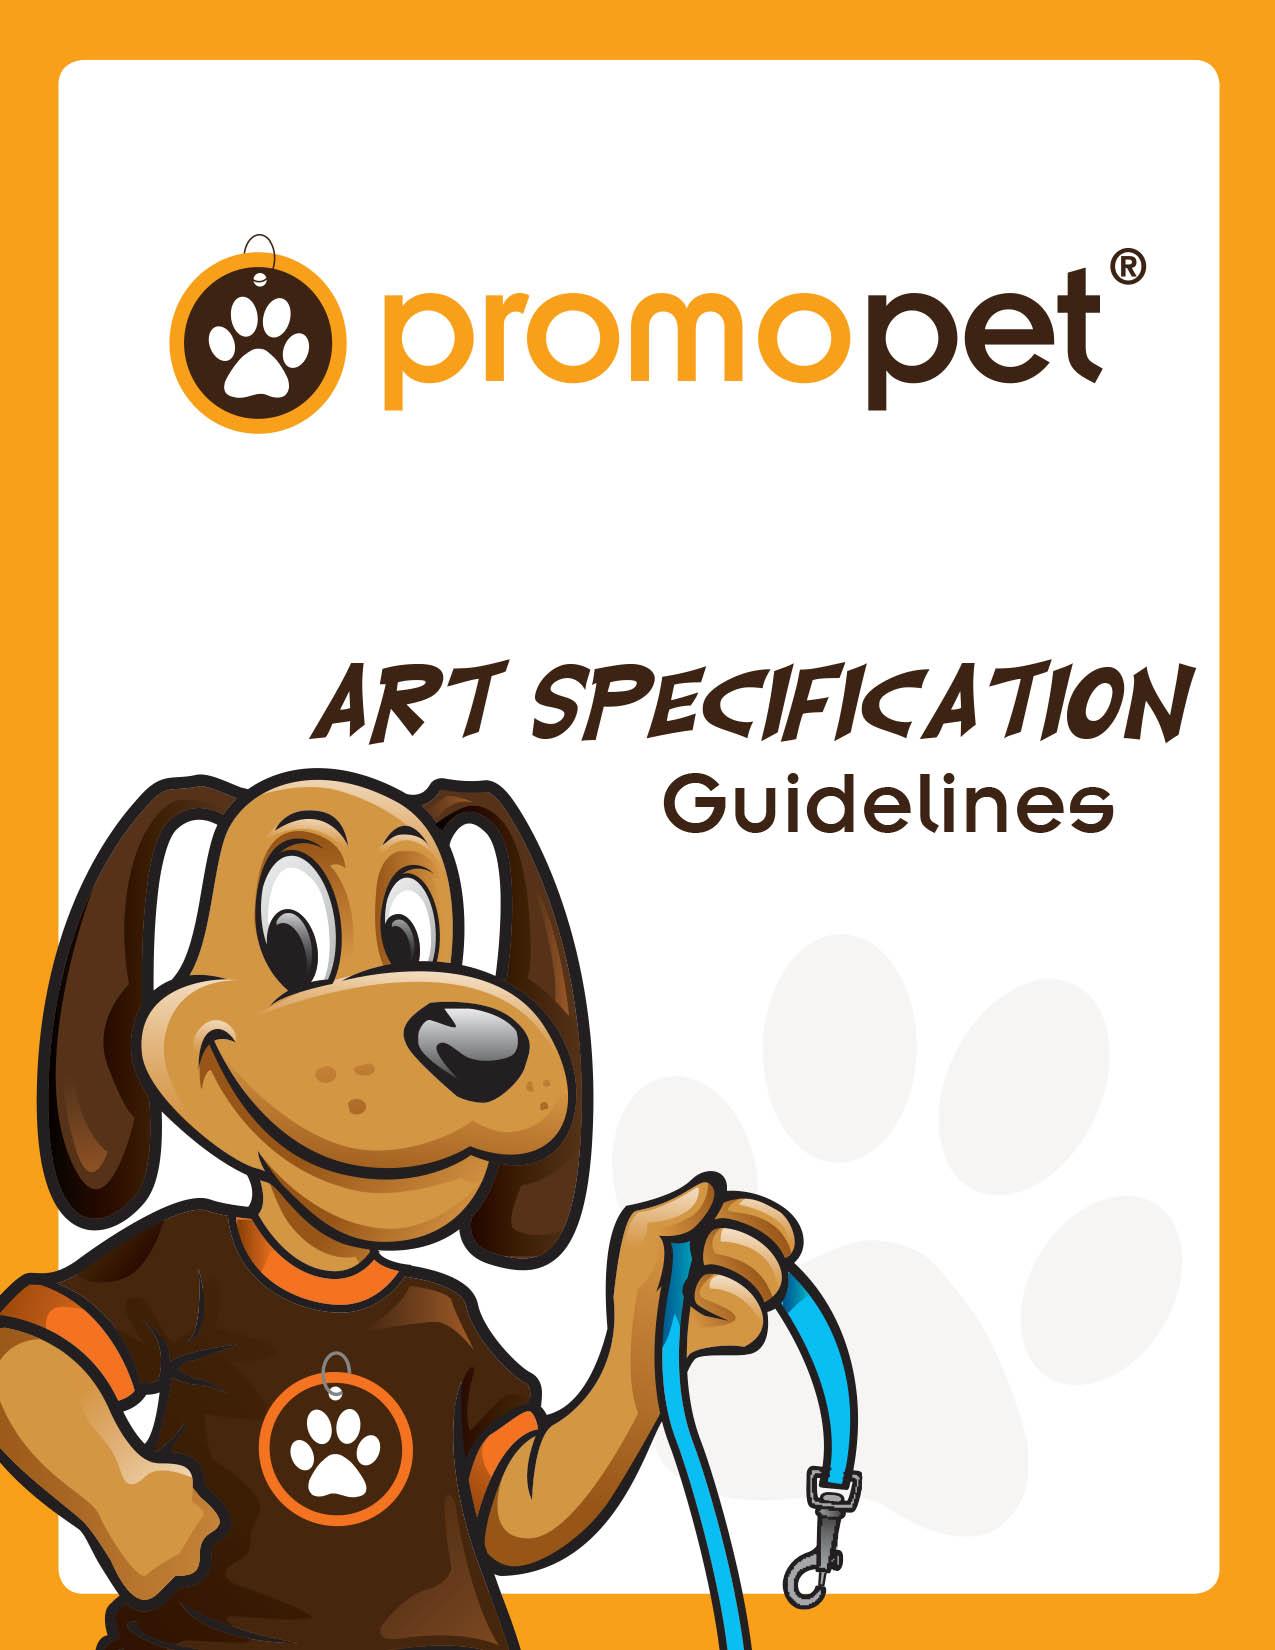 artworkguidelinespromopet020215.jpg